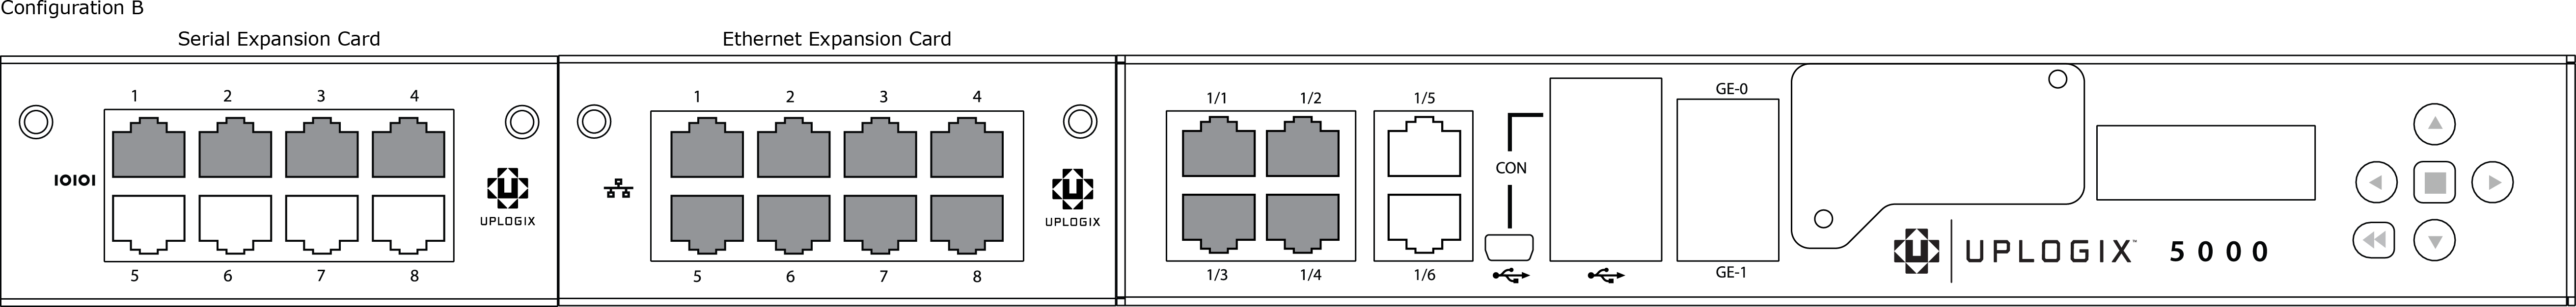 Configuration A